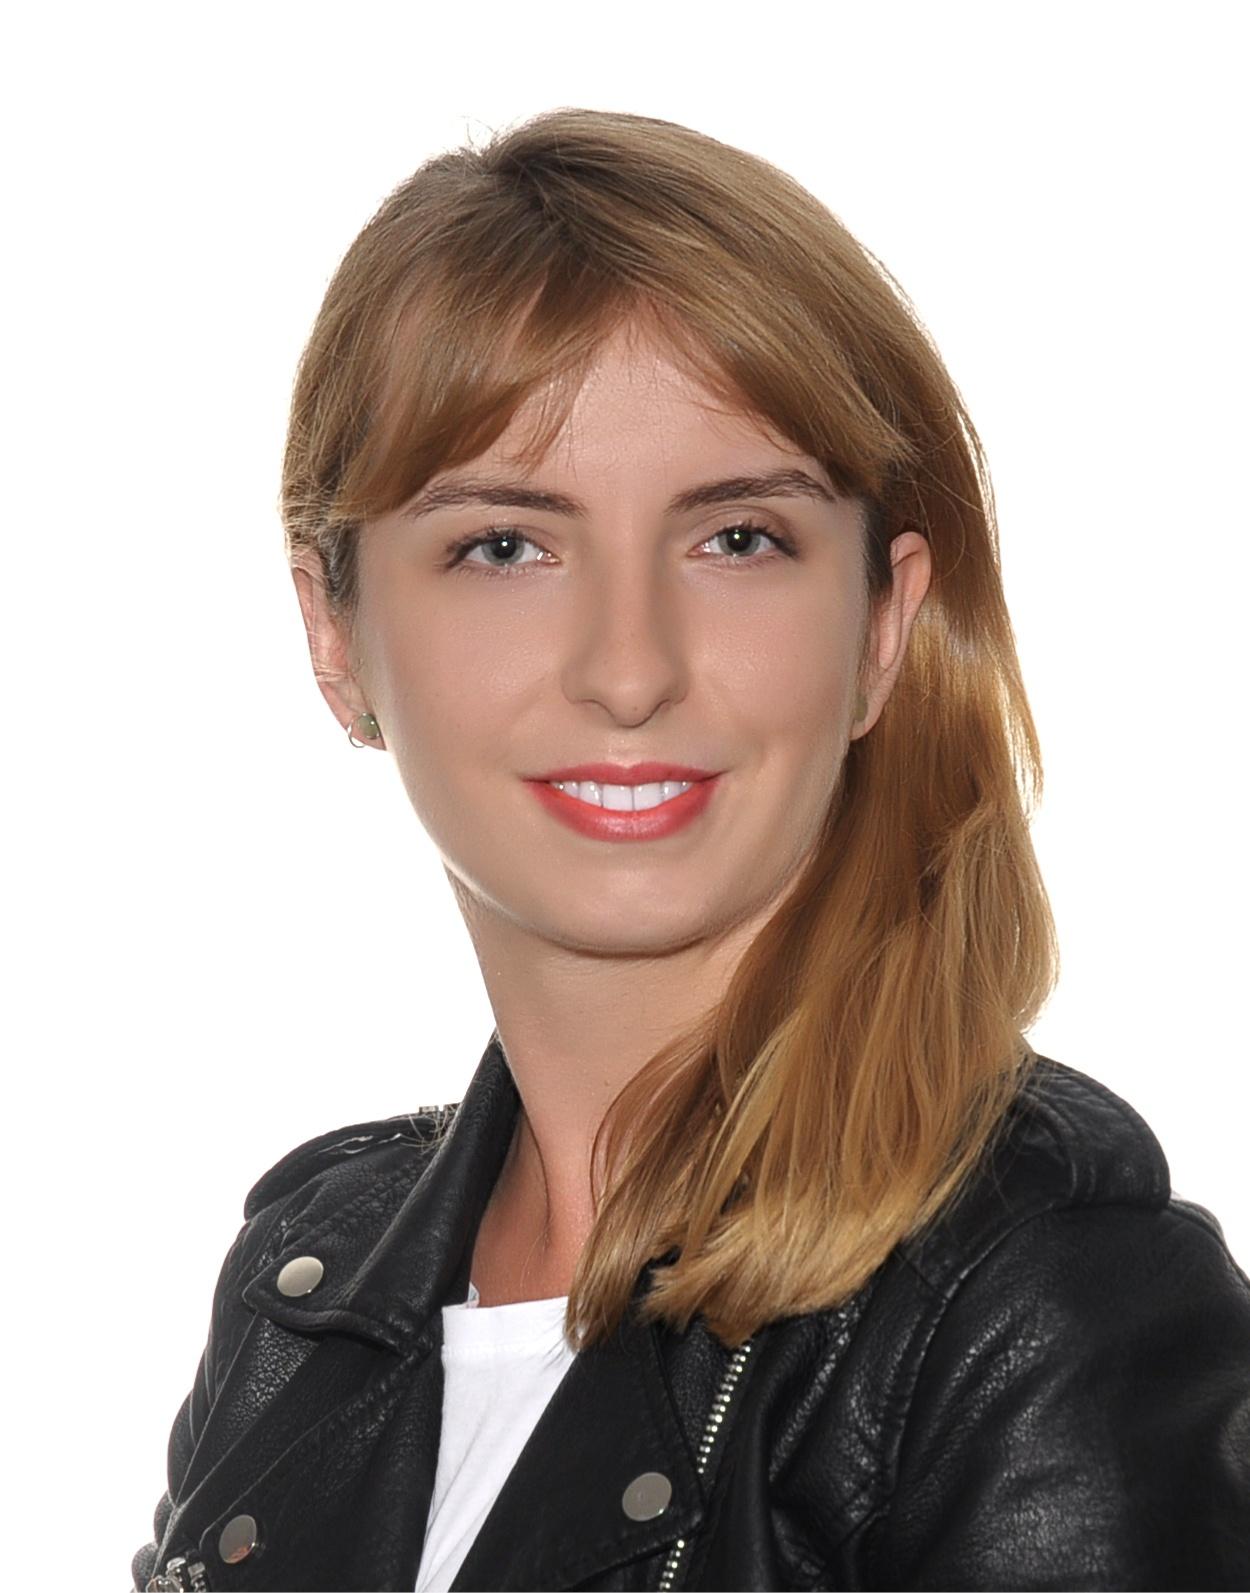 <strong>Weronika Adamska</strong>